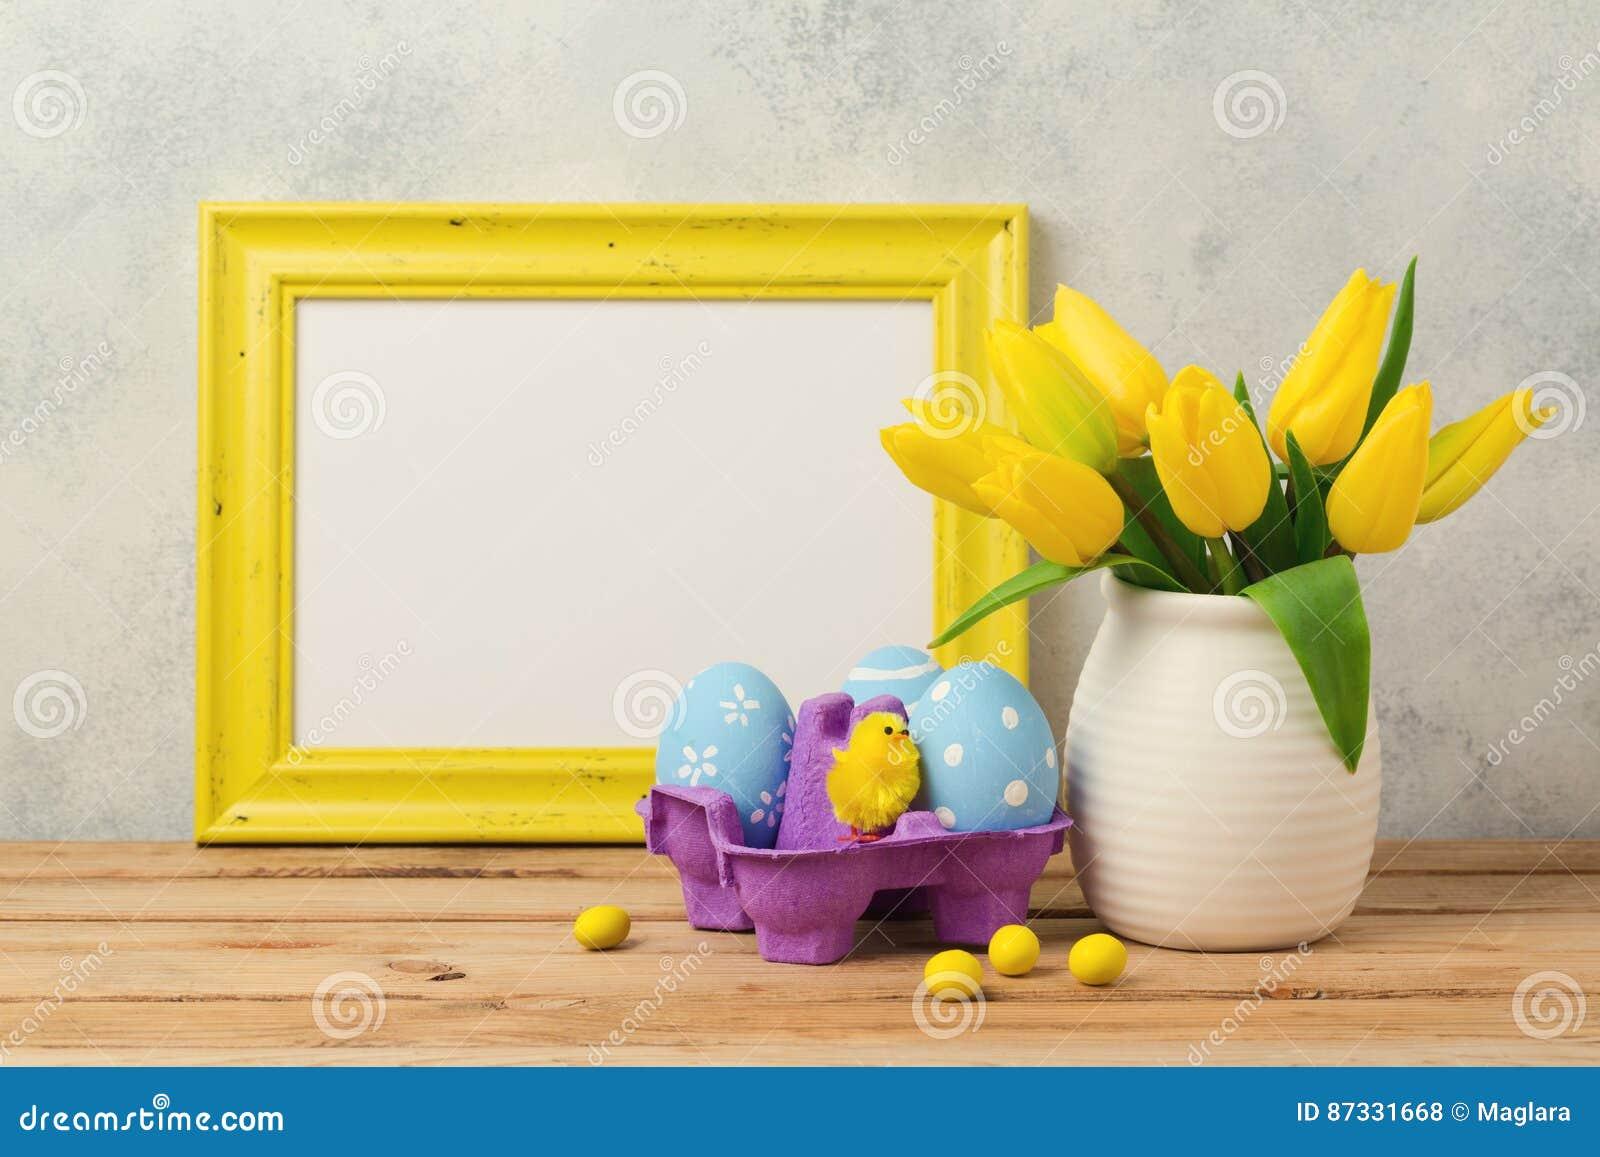 复活节与郁金香花、蛋装饰和空白的照片框架的假日概念